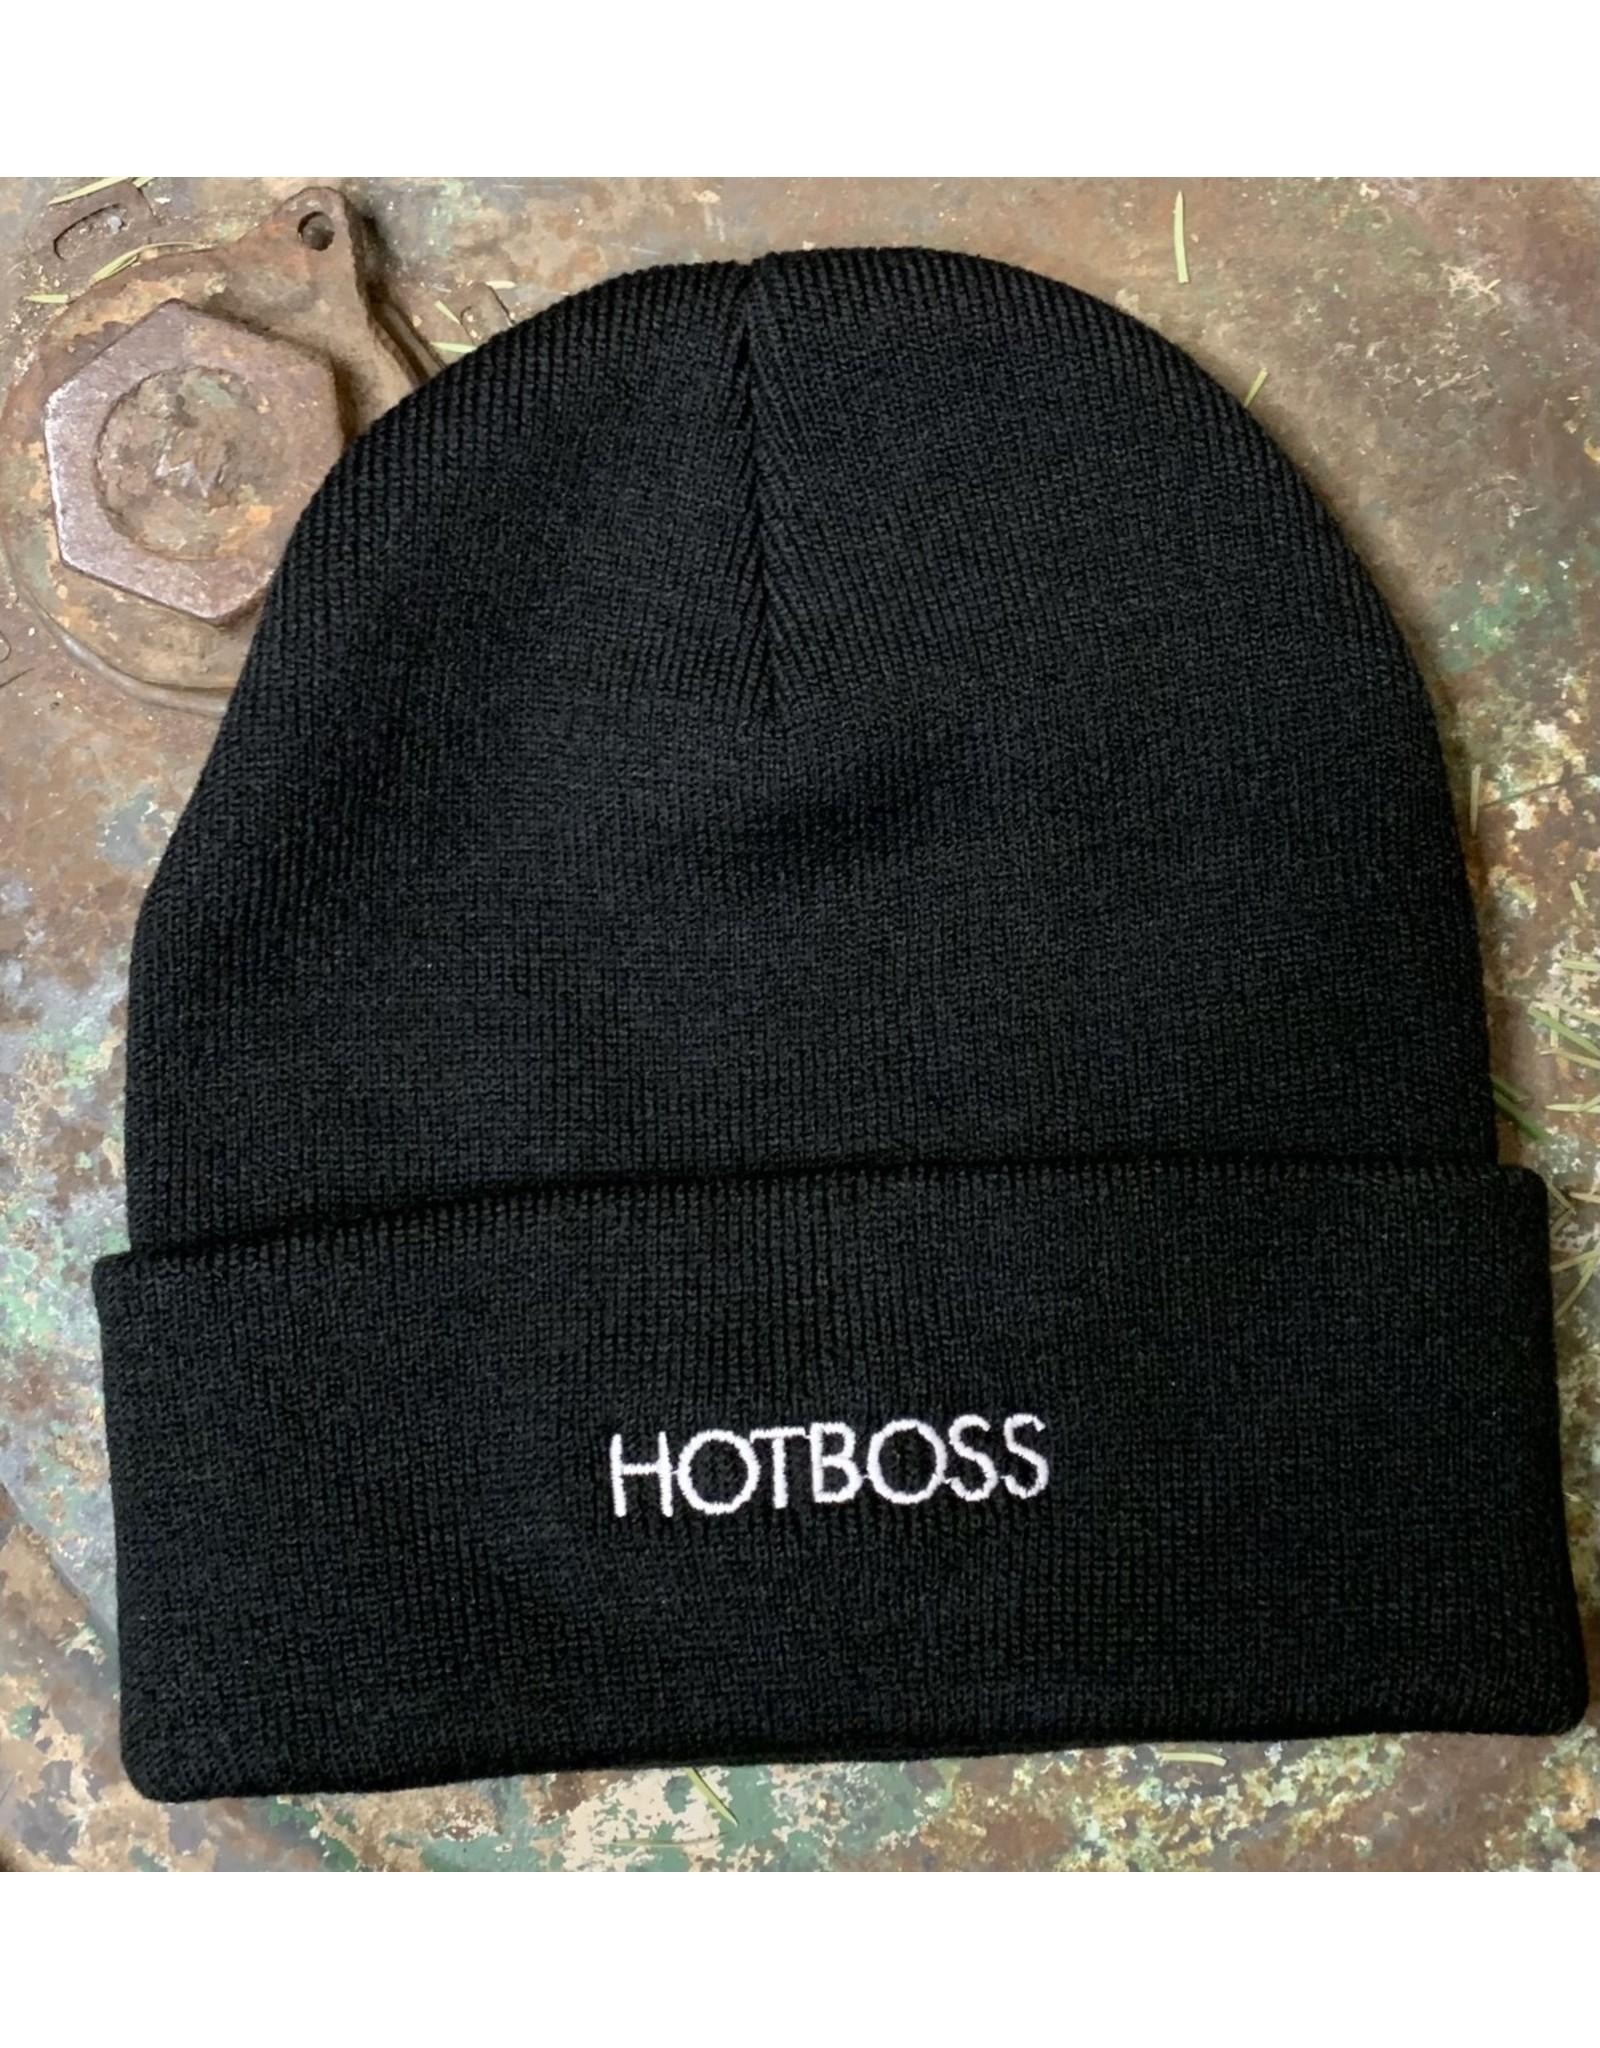 HOTBOSS HB Cuffed Beanie